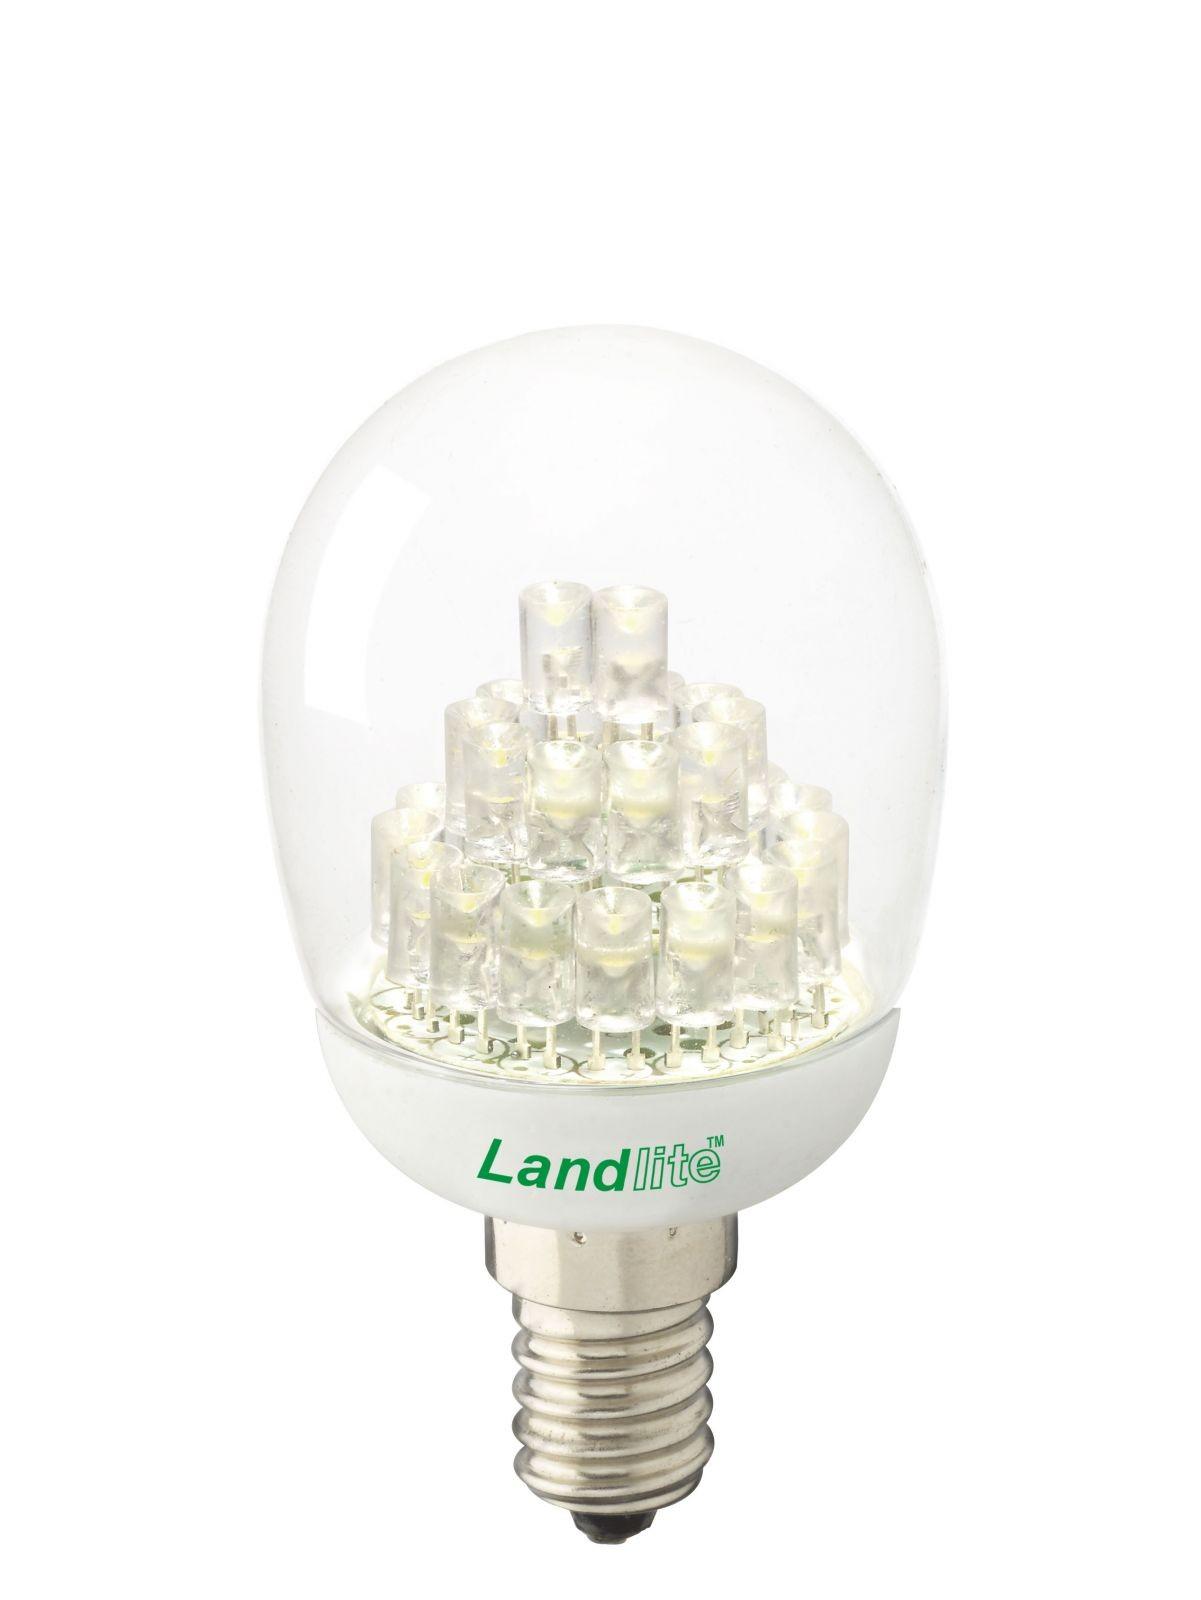 LED-G45-2W E14 230V melegfehér, LED izzó